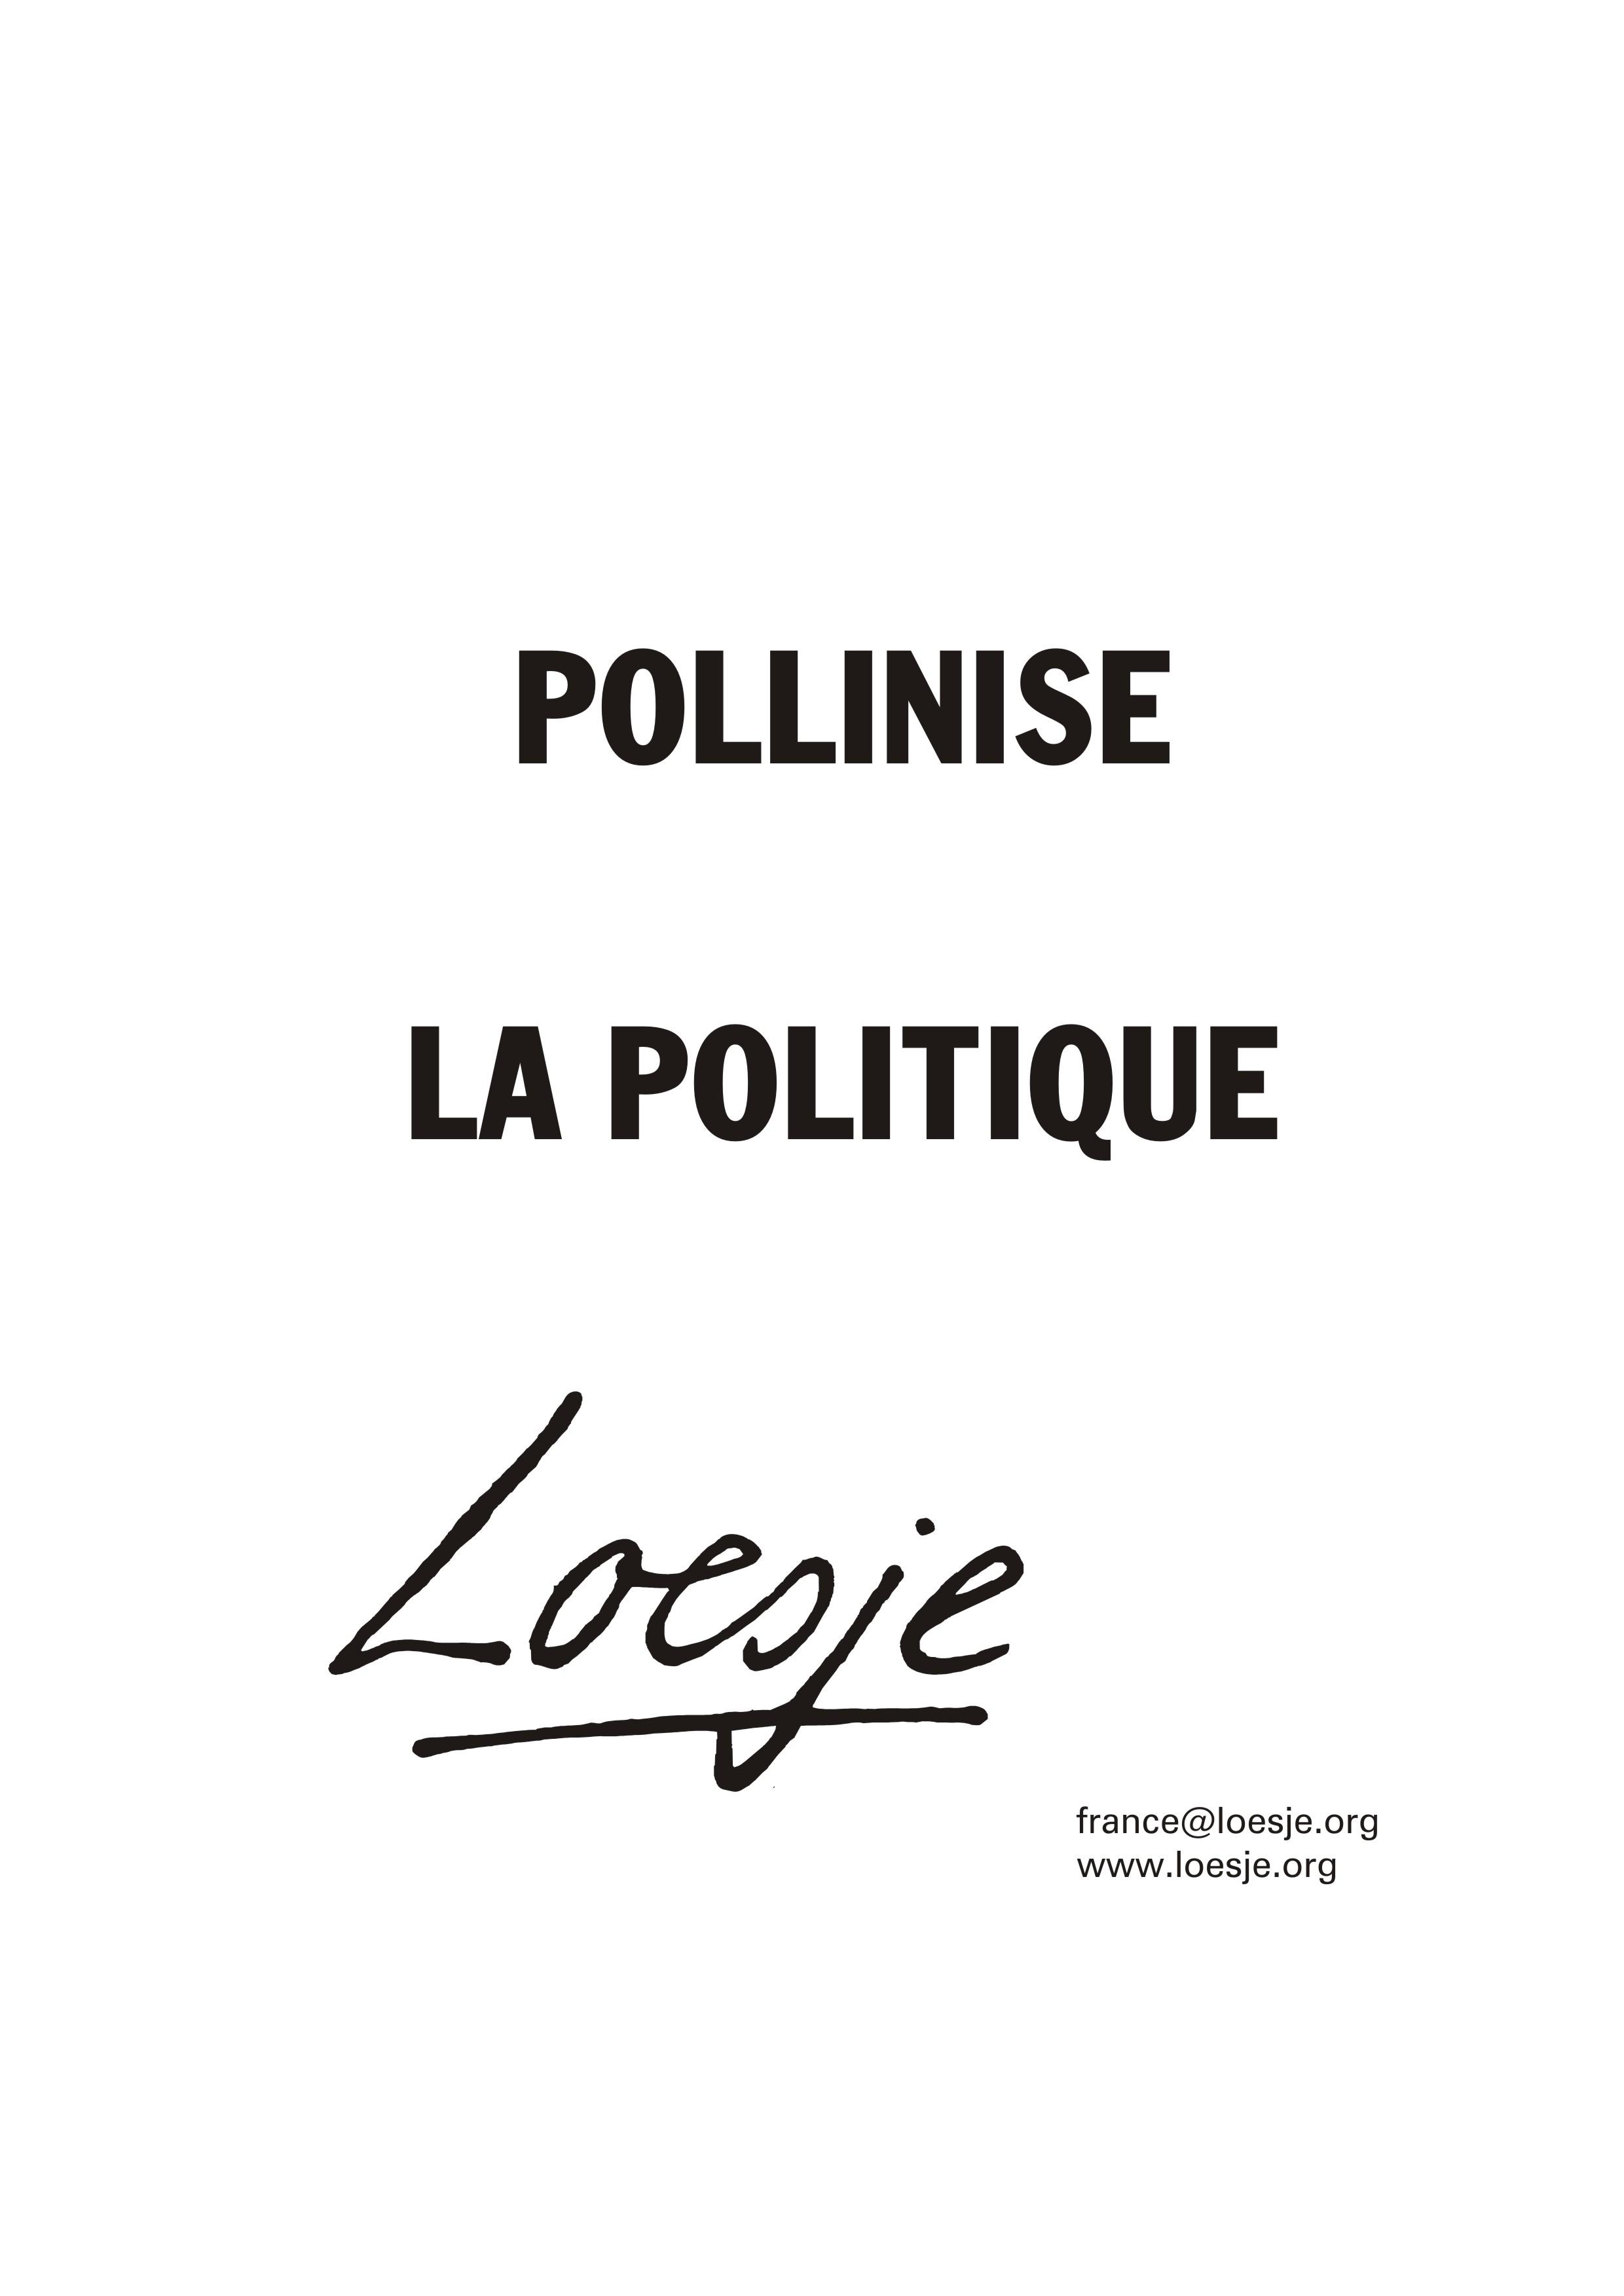 POLLINISE LA POLITIQUE